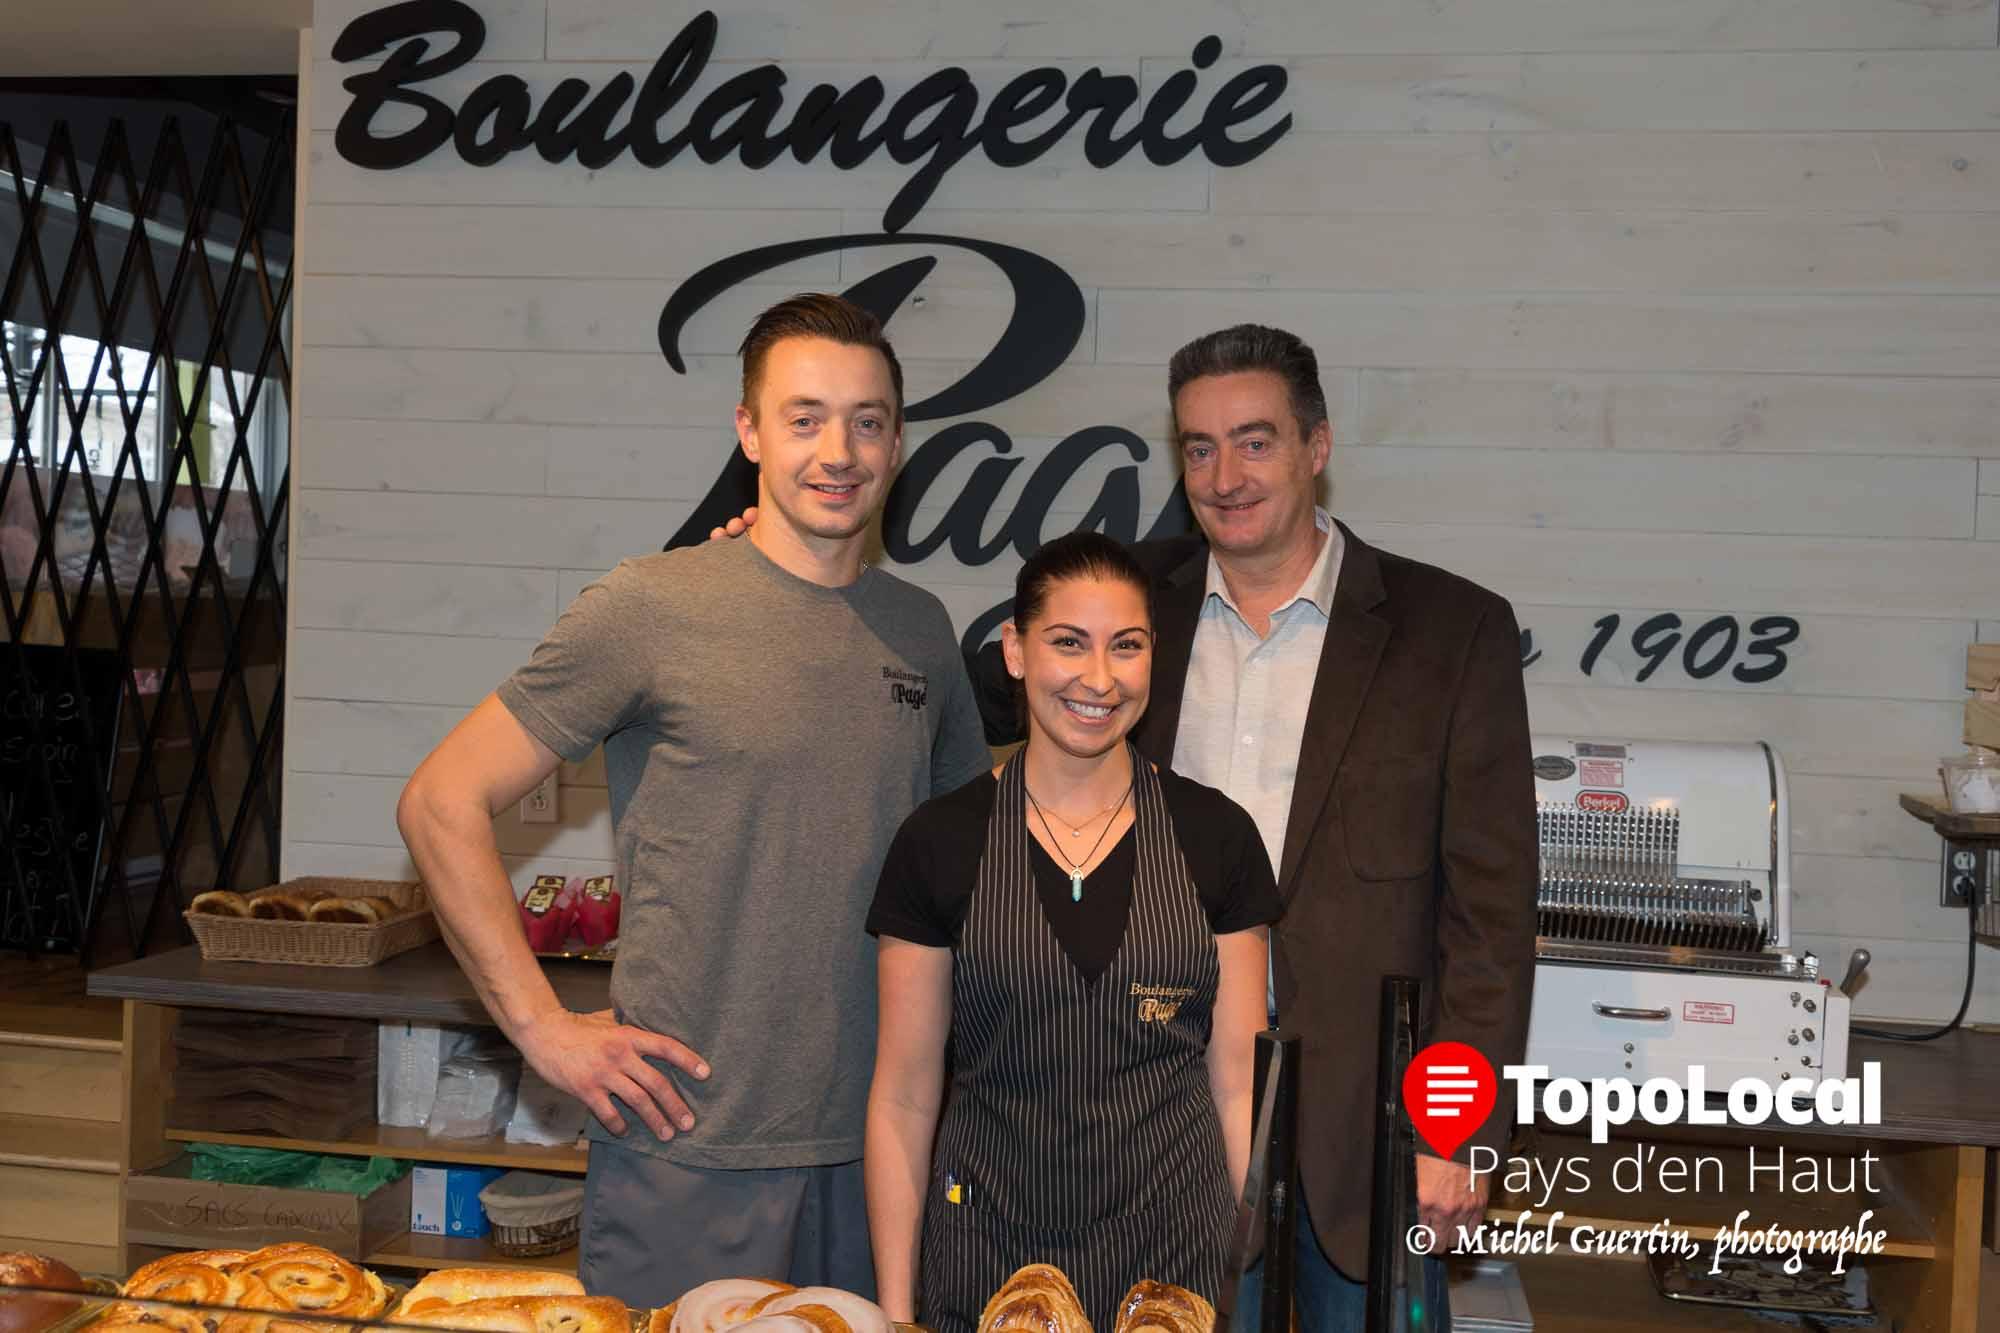 20161118-saint-sauveur-transfert-commerce-boulangerie-page